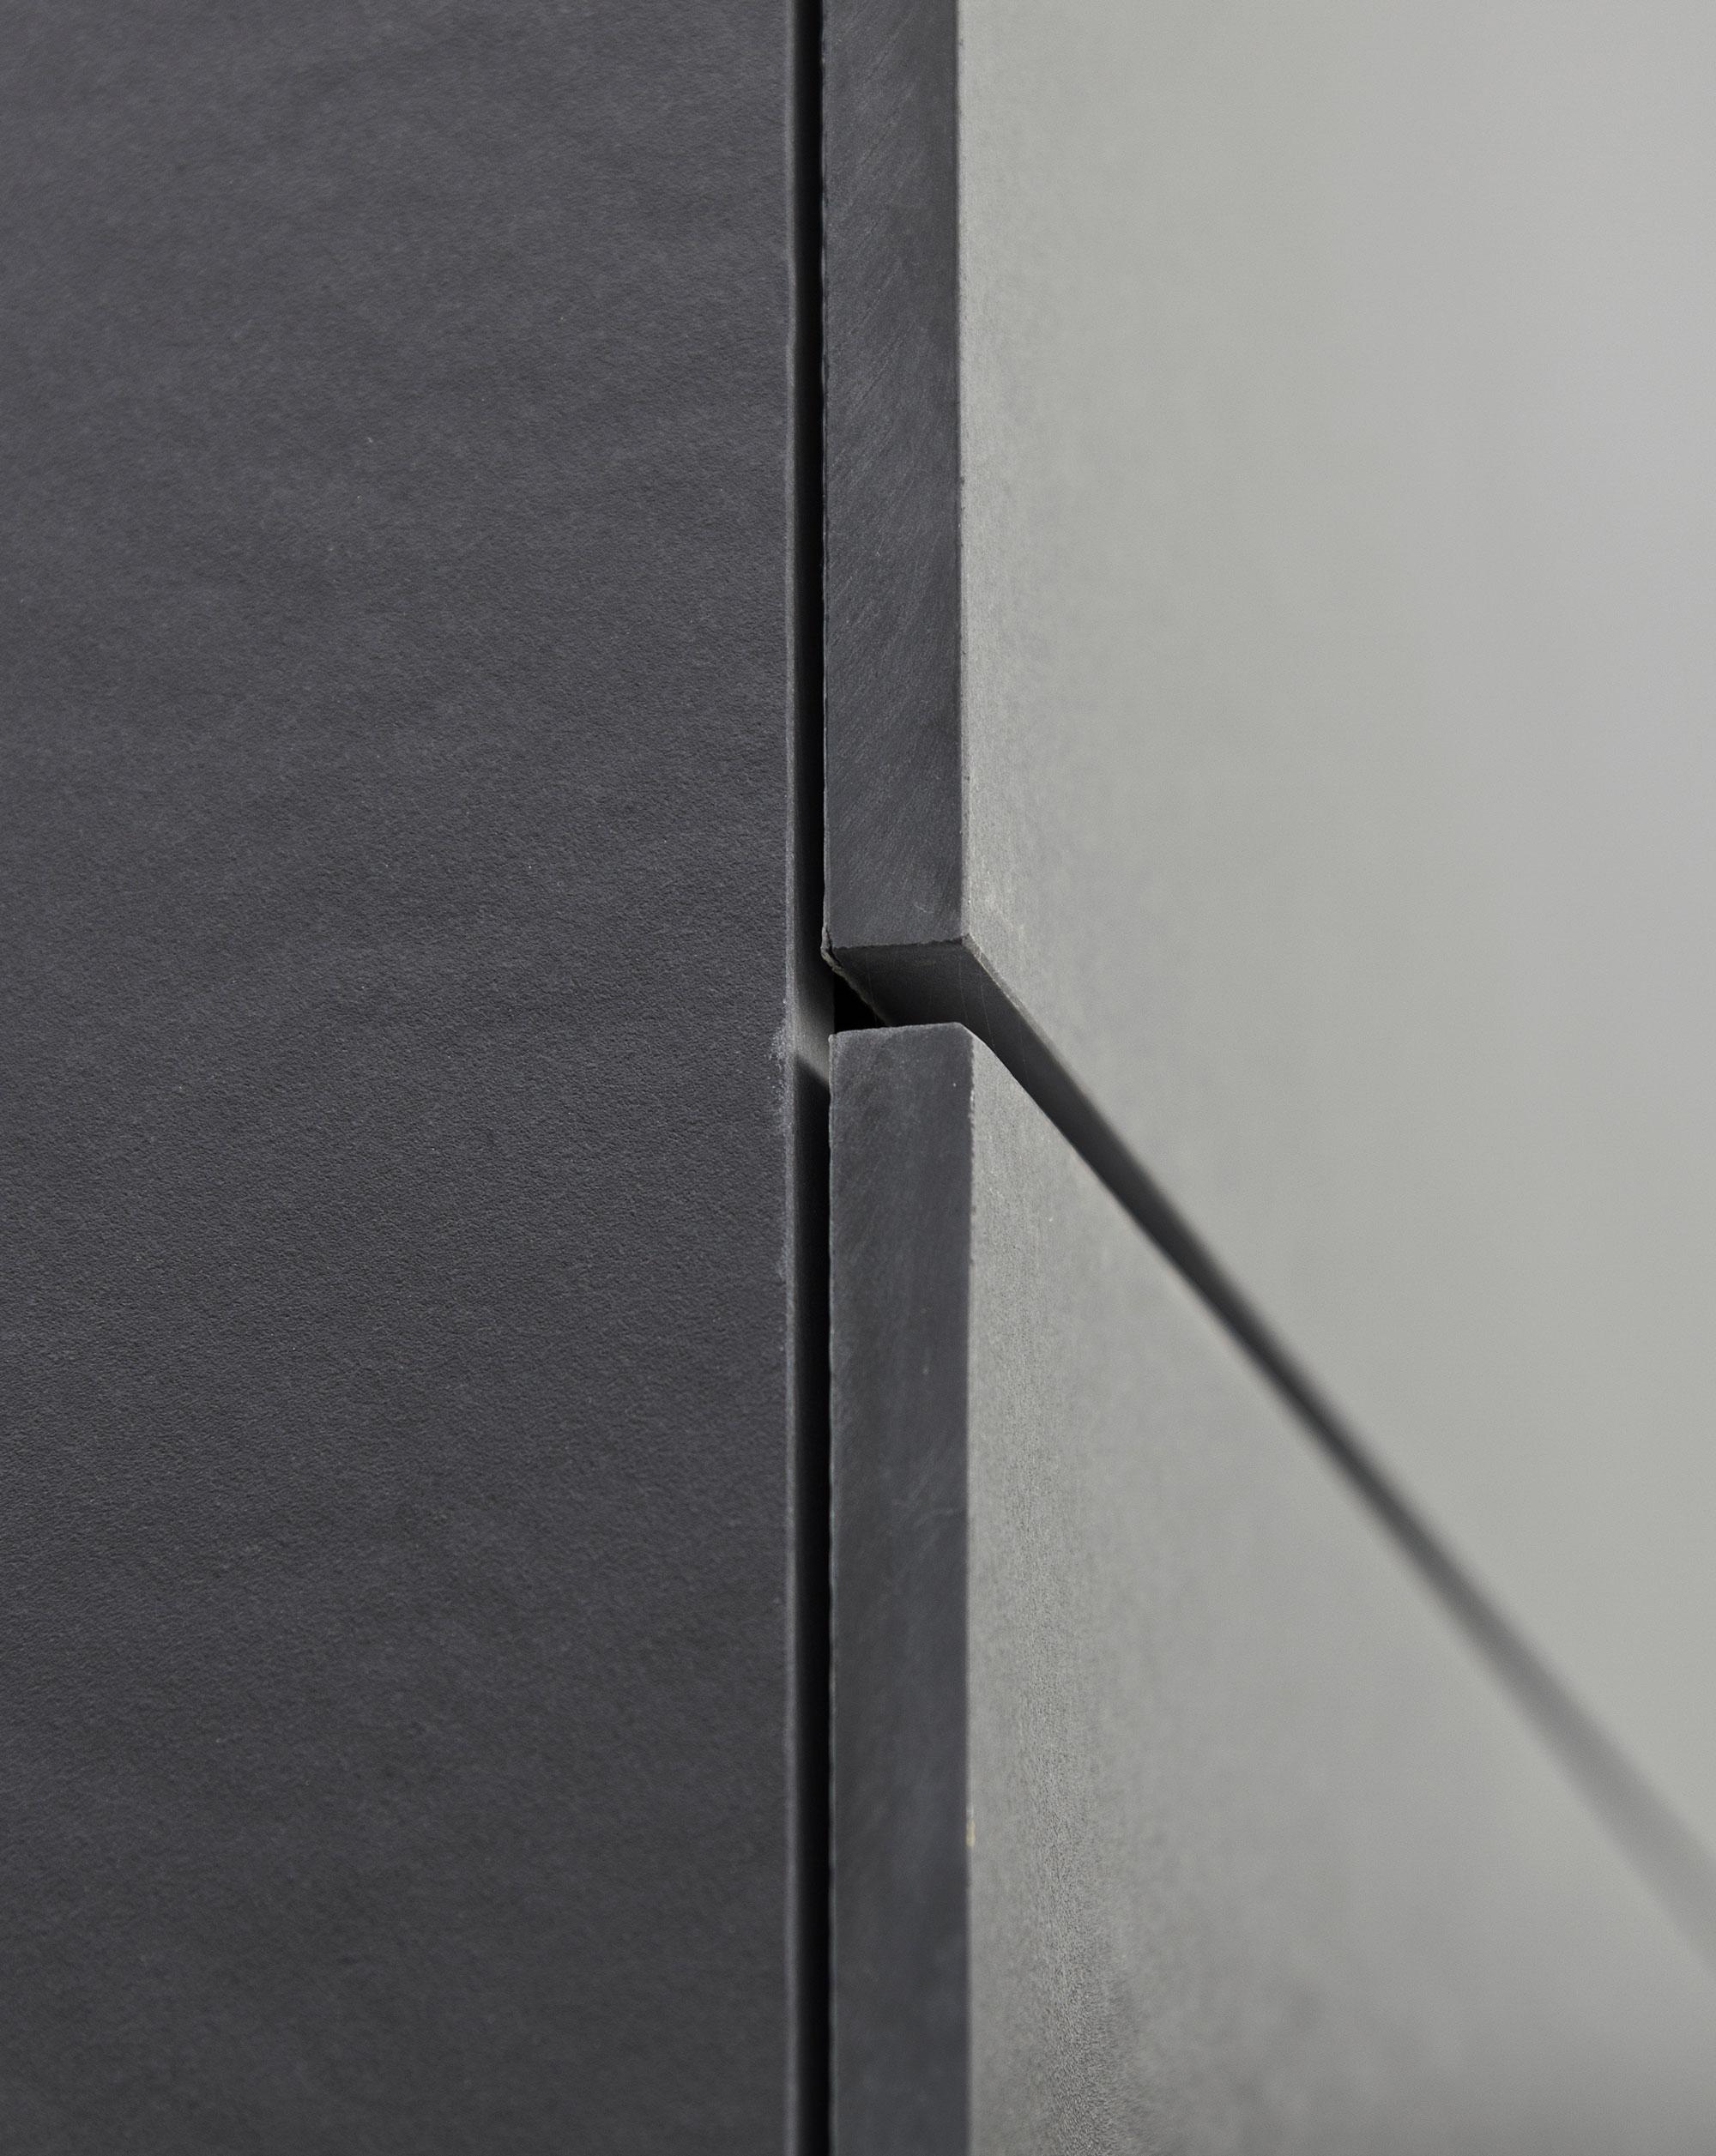 Arteixo Residential  - Arteixo Dekton facade 3 63